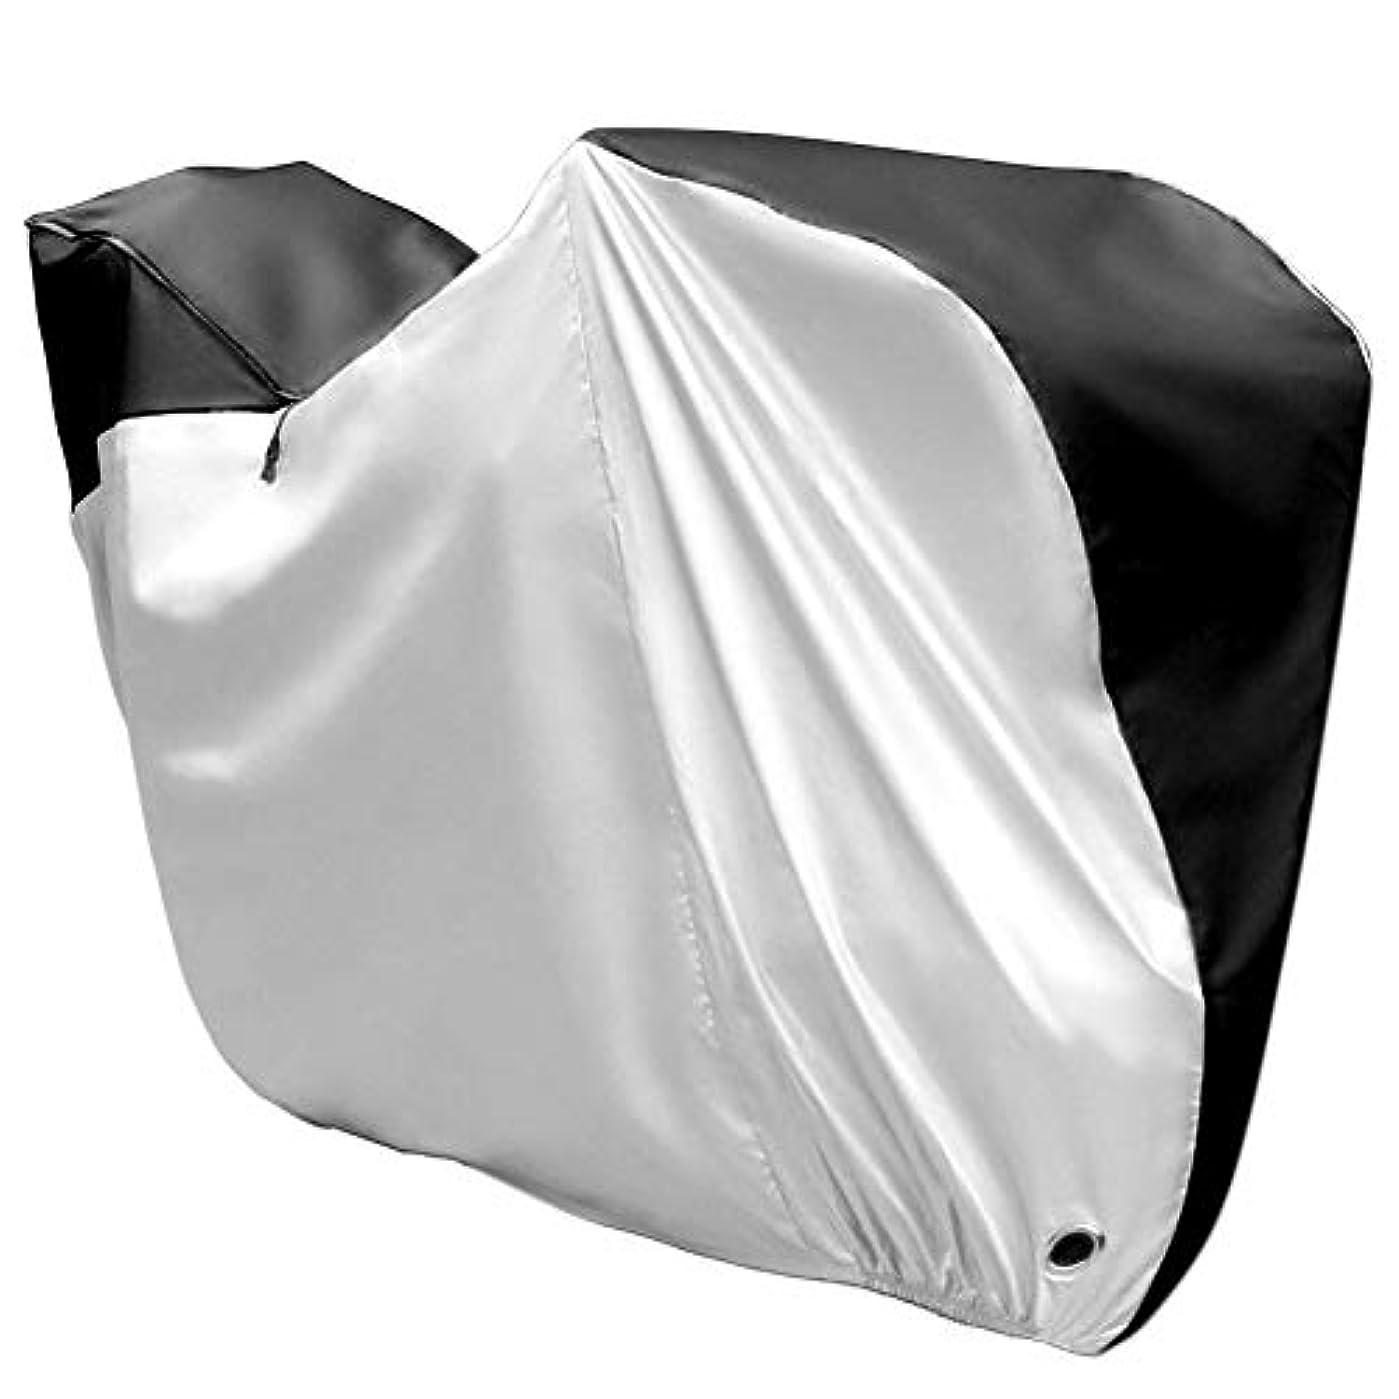 コイン枯渇するリーン自転車カバー サイクルカバー 厚手 210D オックス製 生地 防水 破れにくい 防犯 防風 UVカット 29インチまで対応 収納袋付き